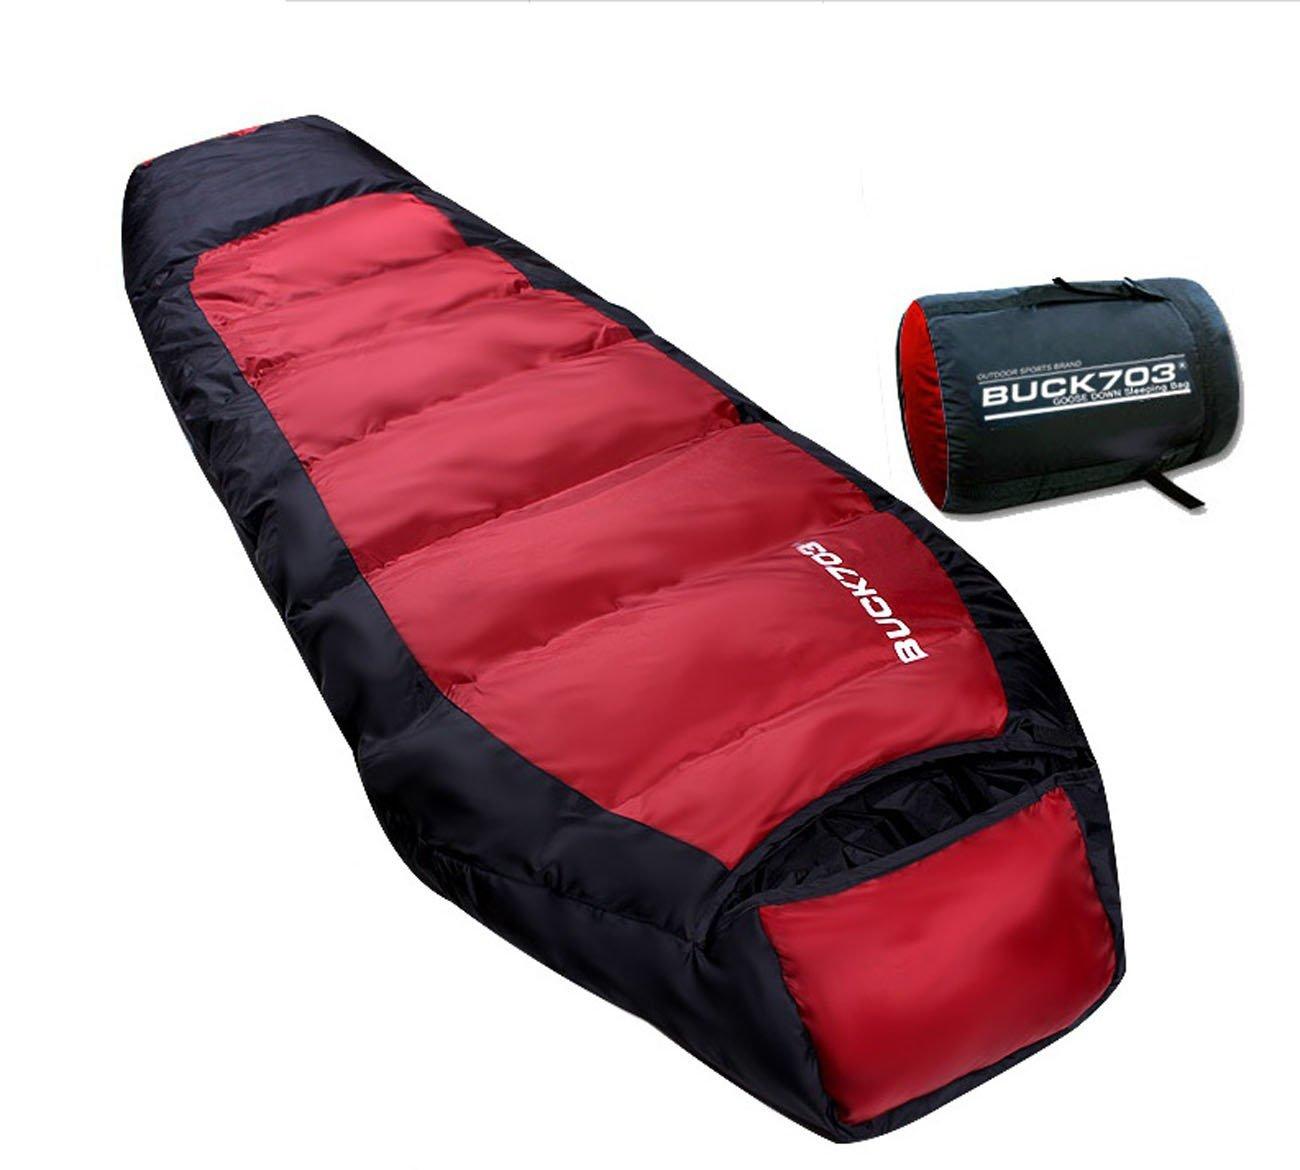 Buck703 Goose Duck Down Sleeping Bag Cold Winter Outdoor ...